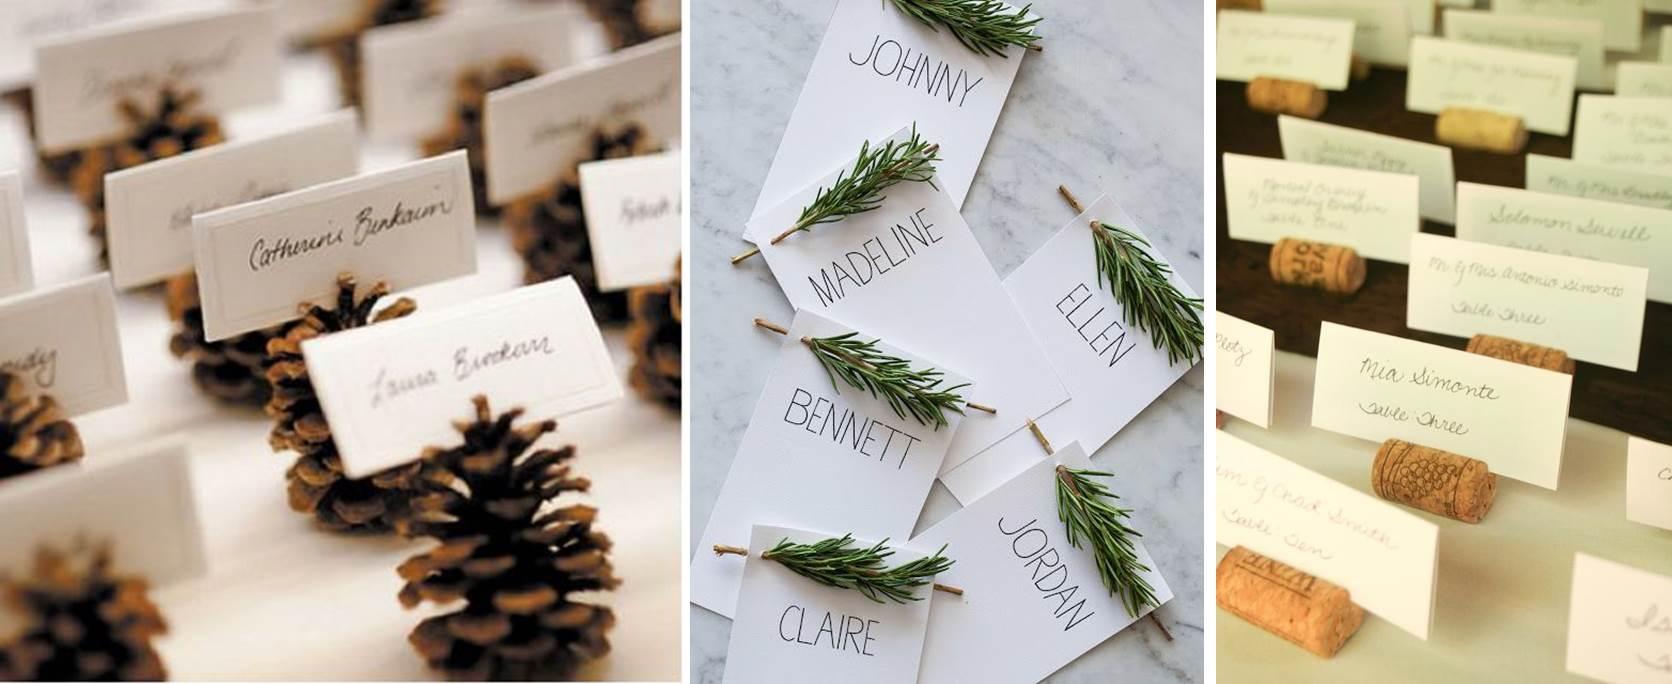 Decoracion mesa nombres puestos navidad piasweethome com - Decoracion de mesas navidenas ...